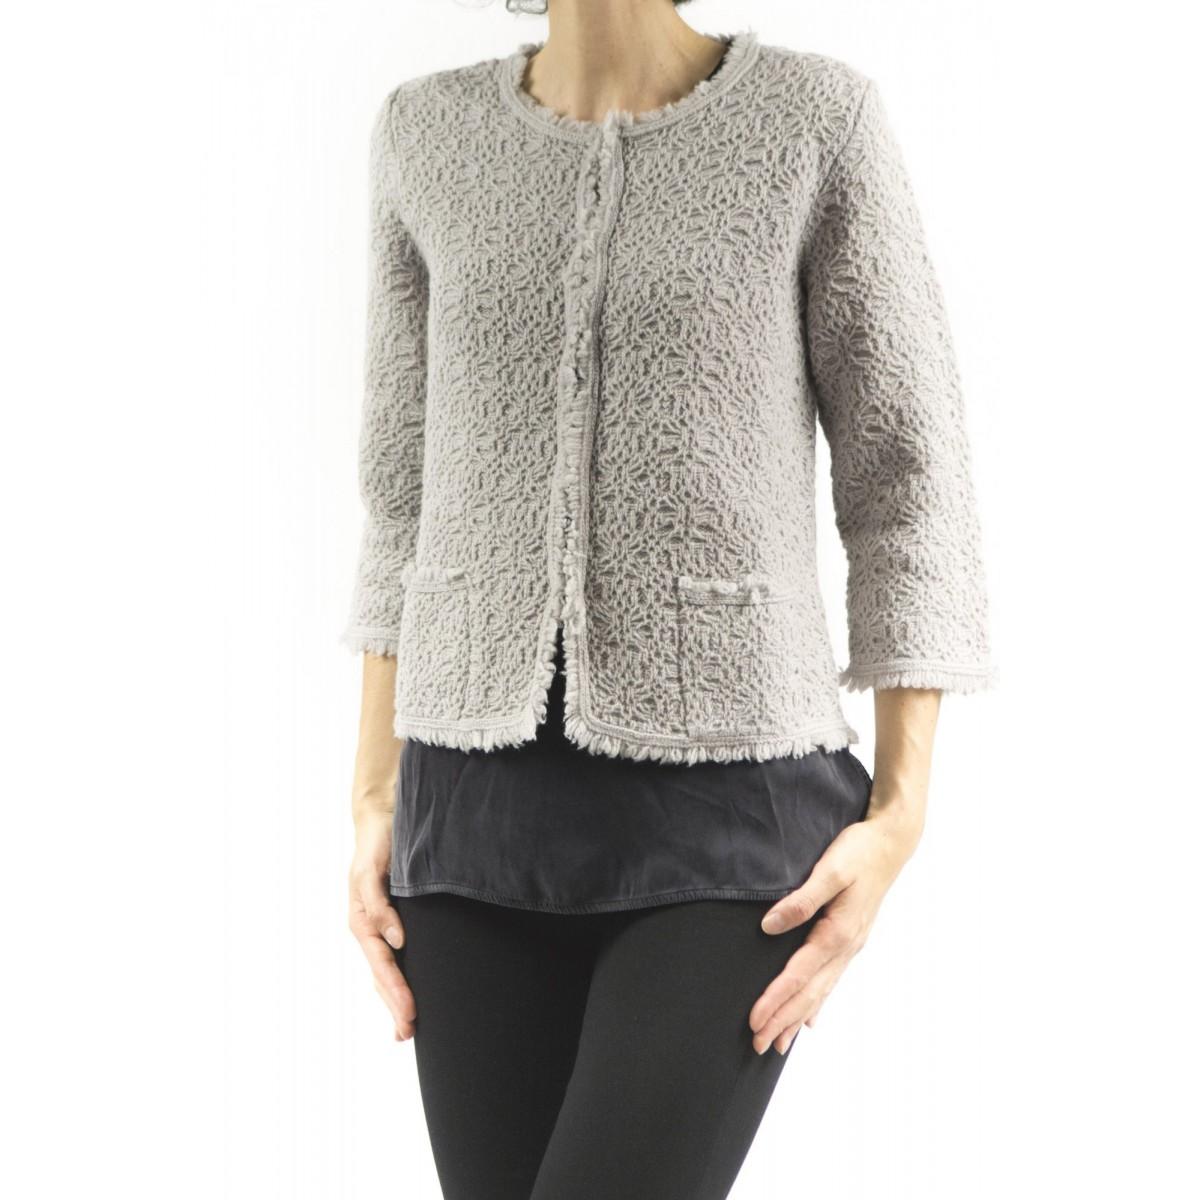 Pullover Kangra Frauen - 9700/58 25 - GREIGE